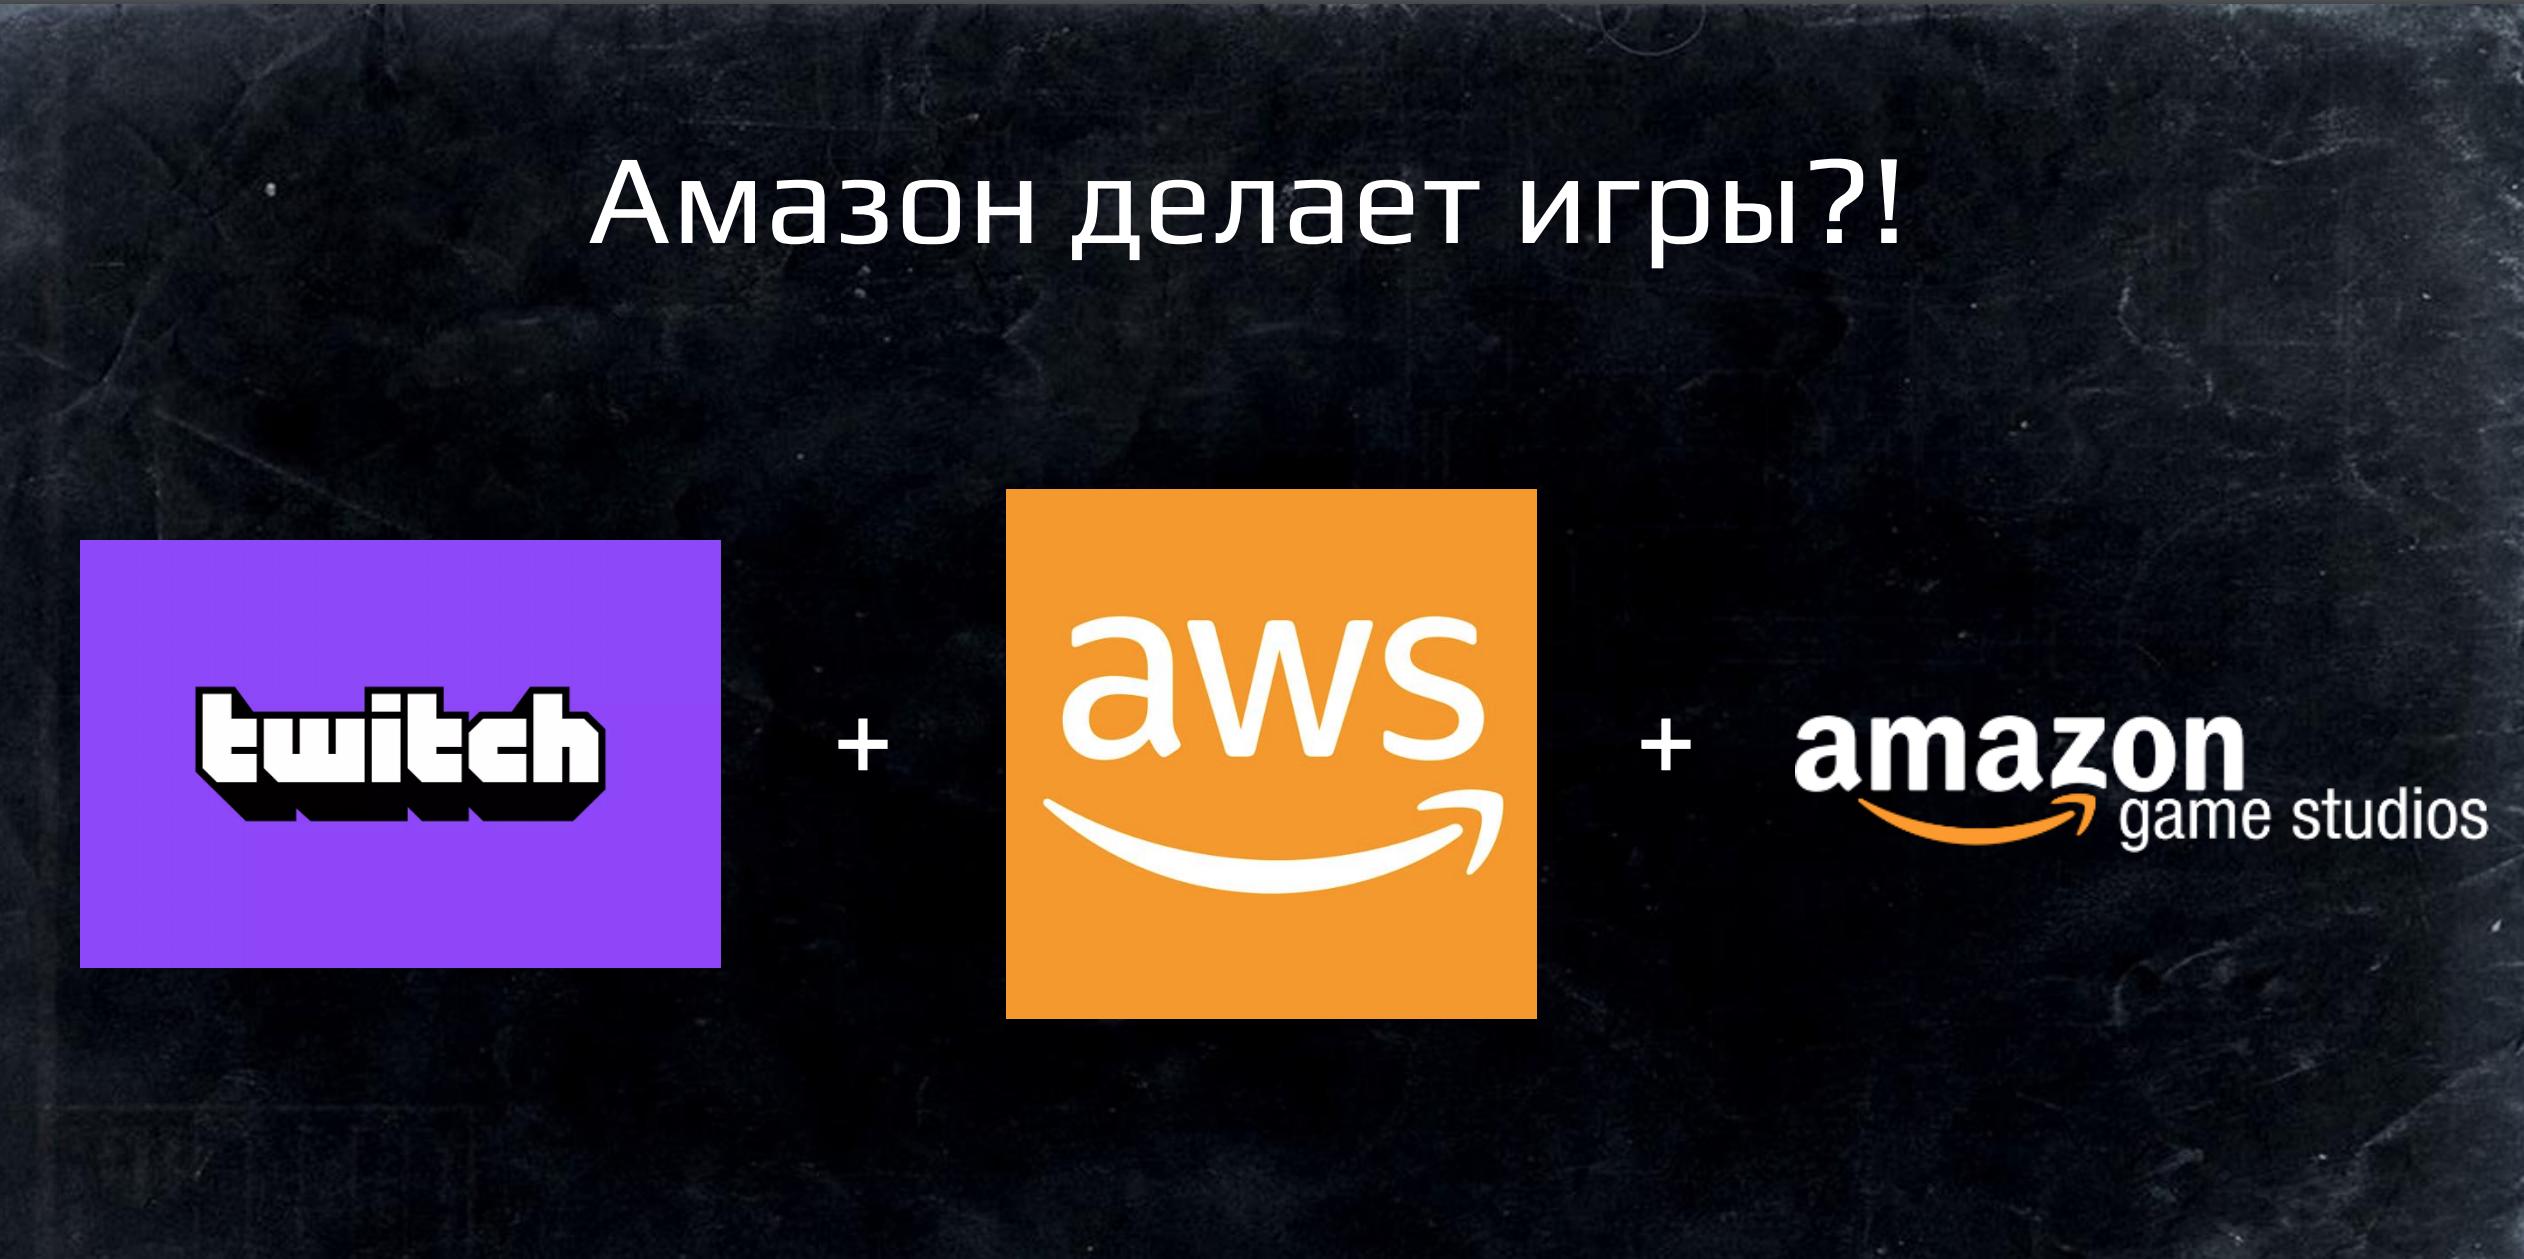 Тестирование игрового движка Amazon Lumberyard. Подходы и инструменты - 2